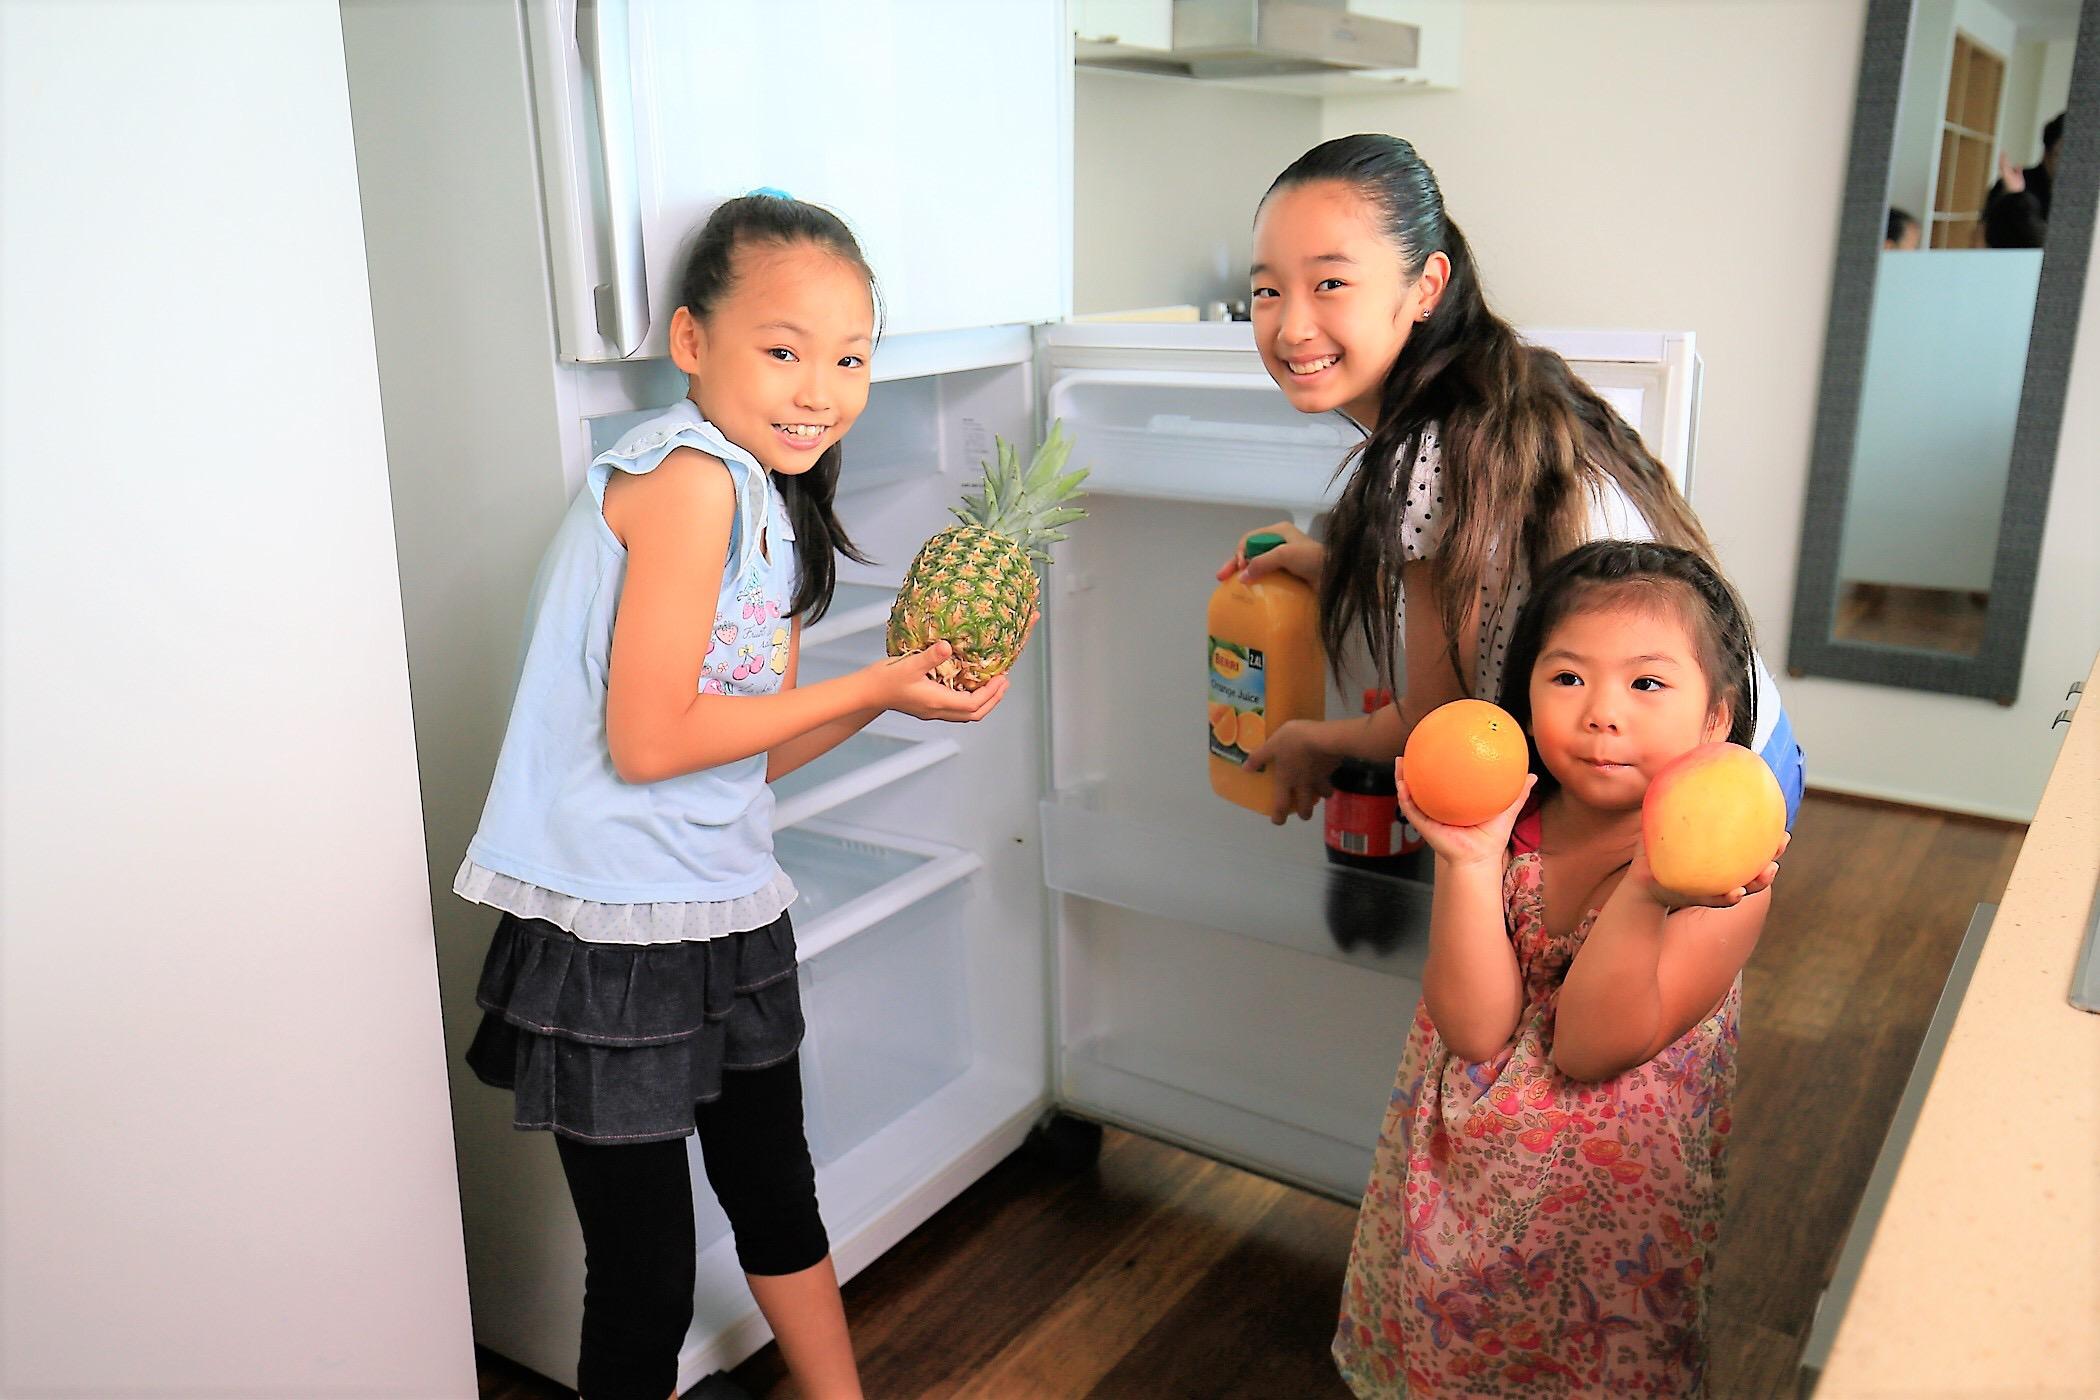 <p>お部屋の冷蔵庫はとっても広々としていて、スーパーマーケットで購入した滞在中の食材もいっぱい入れられます。</p>